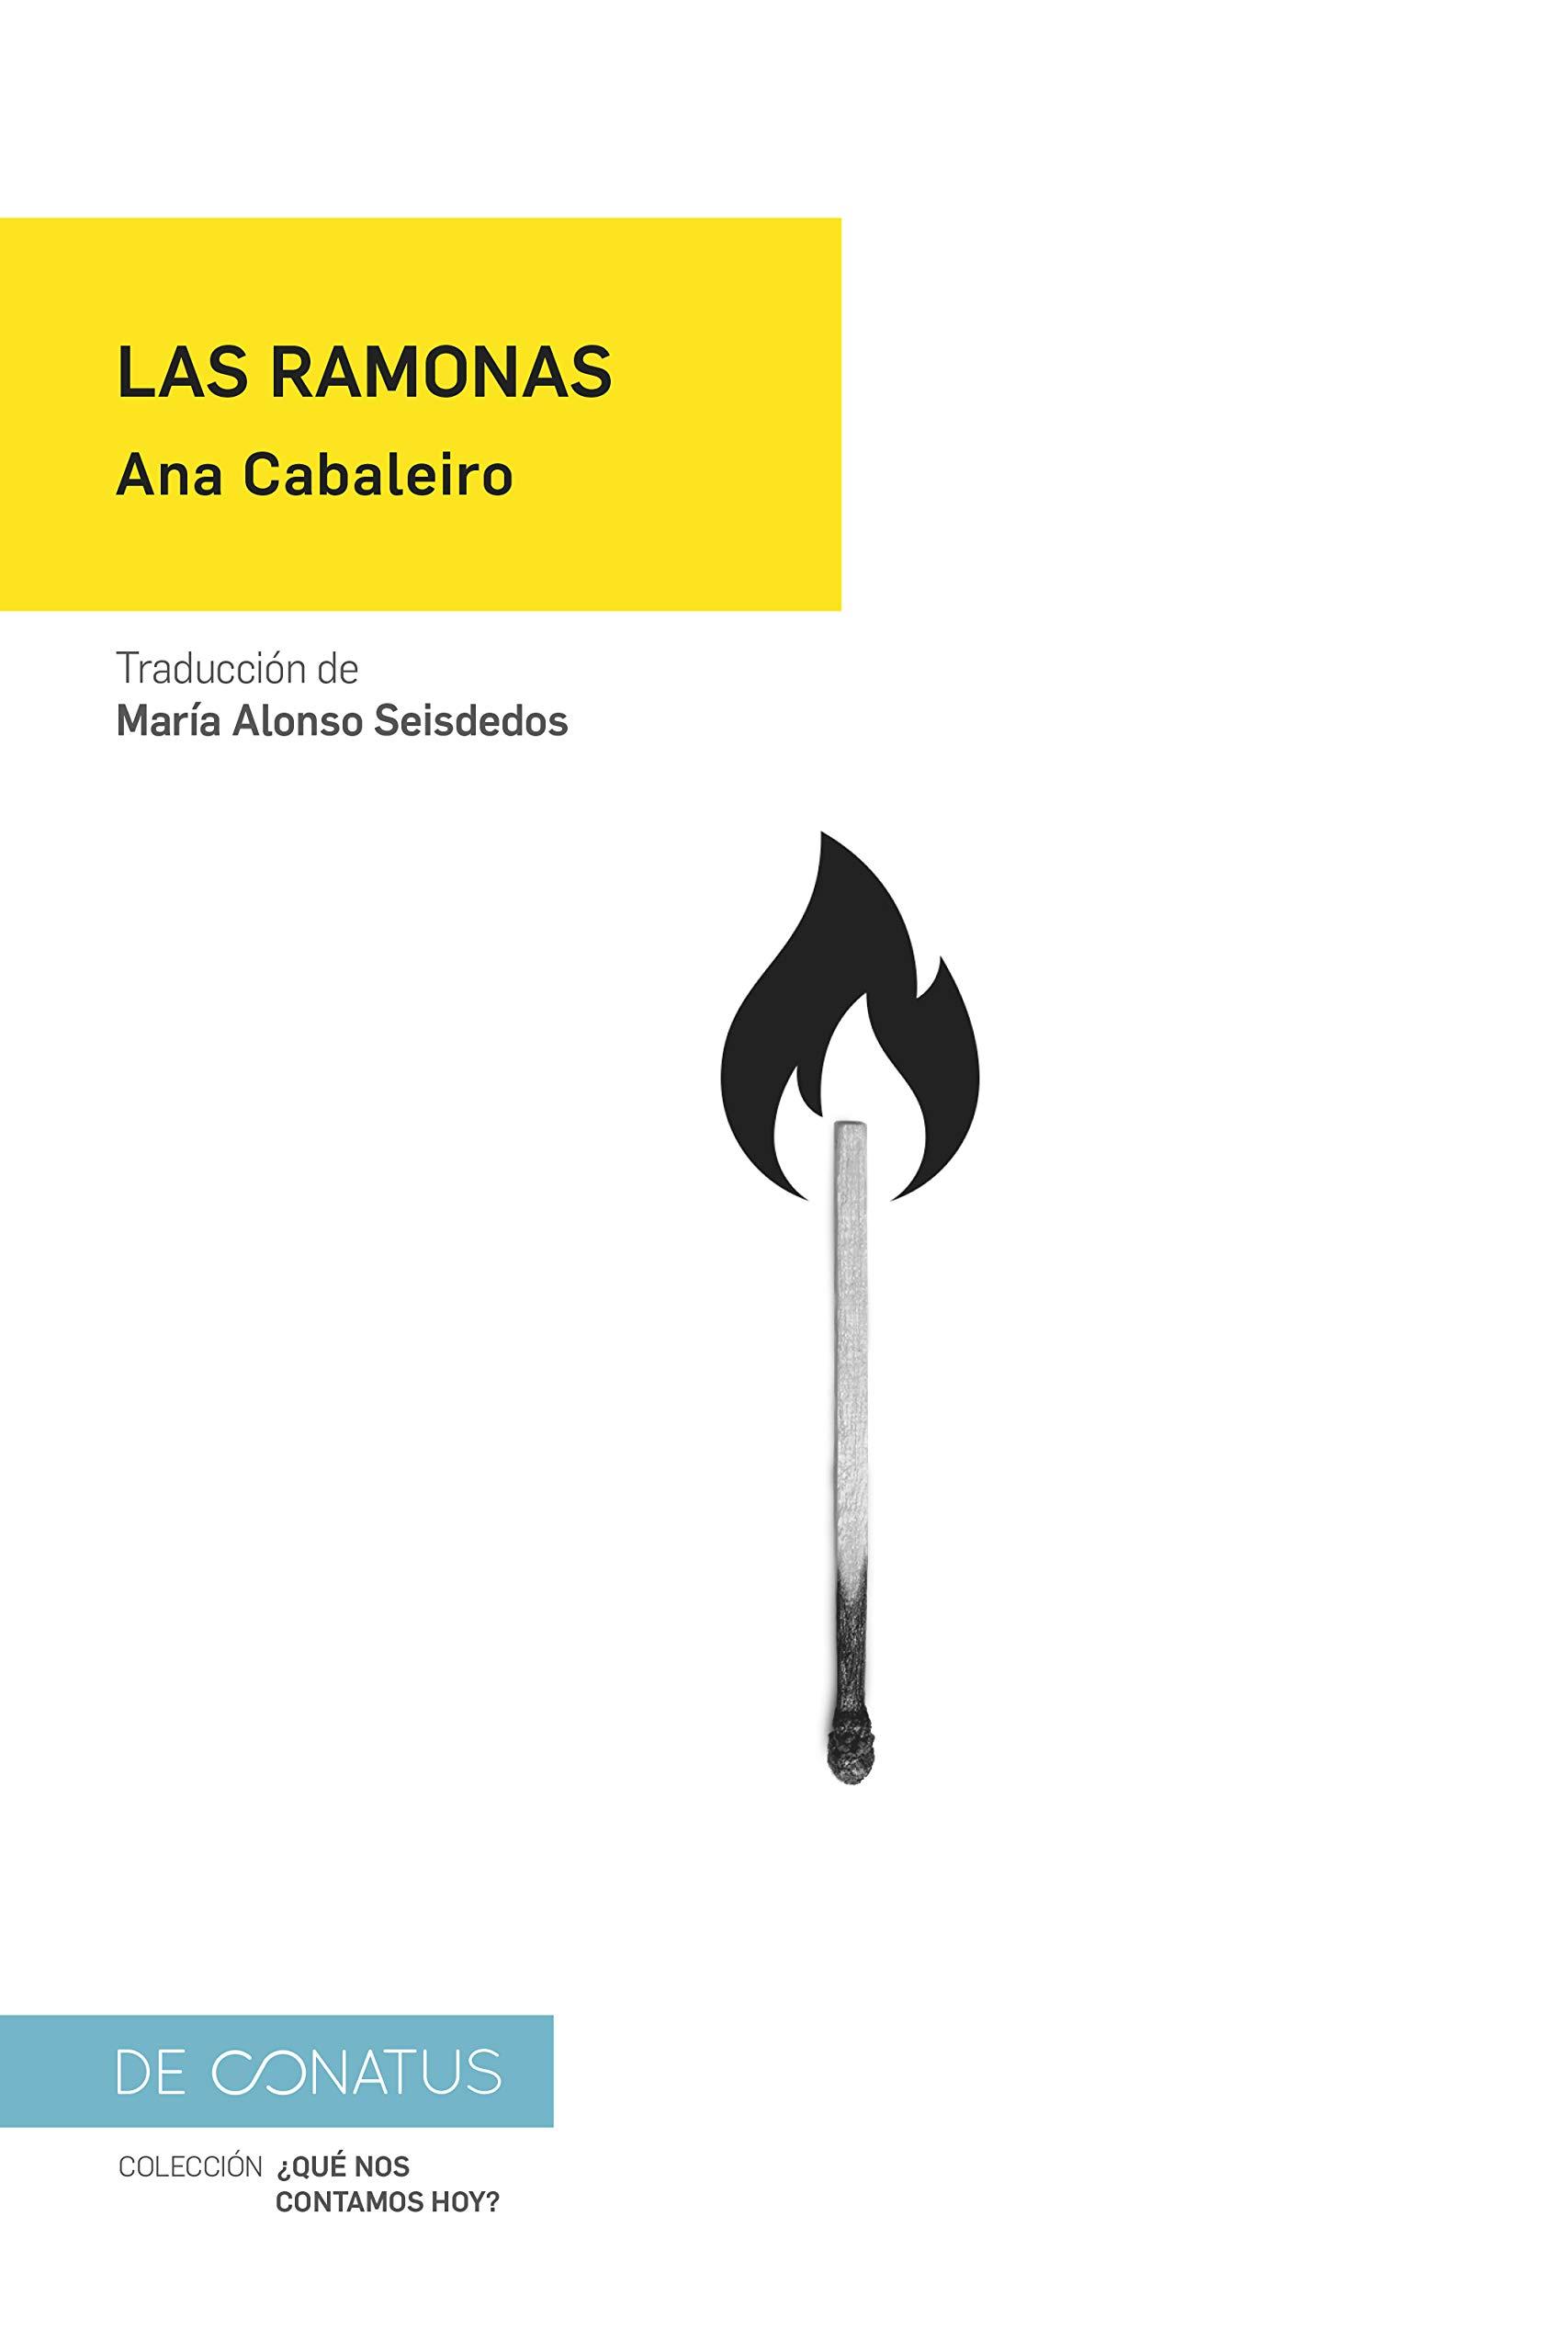 Las Ramonas: 9 (¿Qué nos contamos hoy?): Amazon.es: Cabaleiro, Ana, Alonso Seisdedos, María: Libros